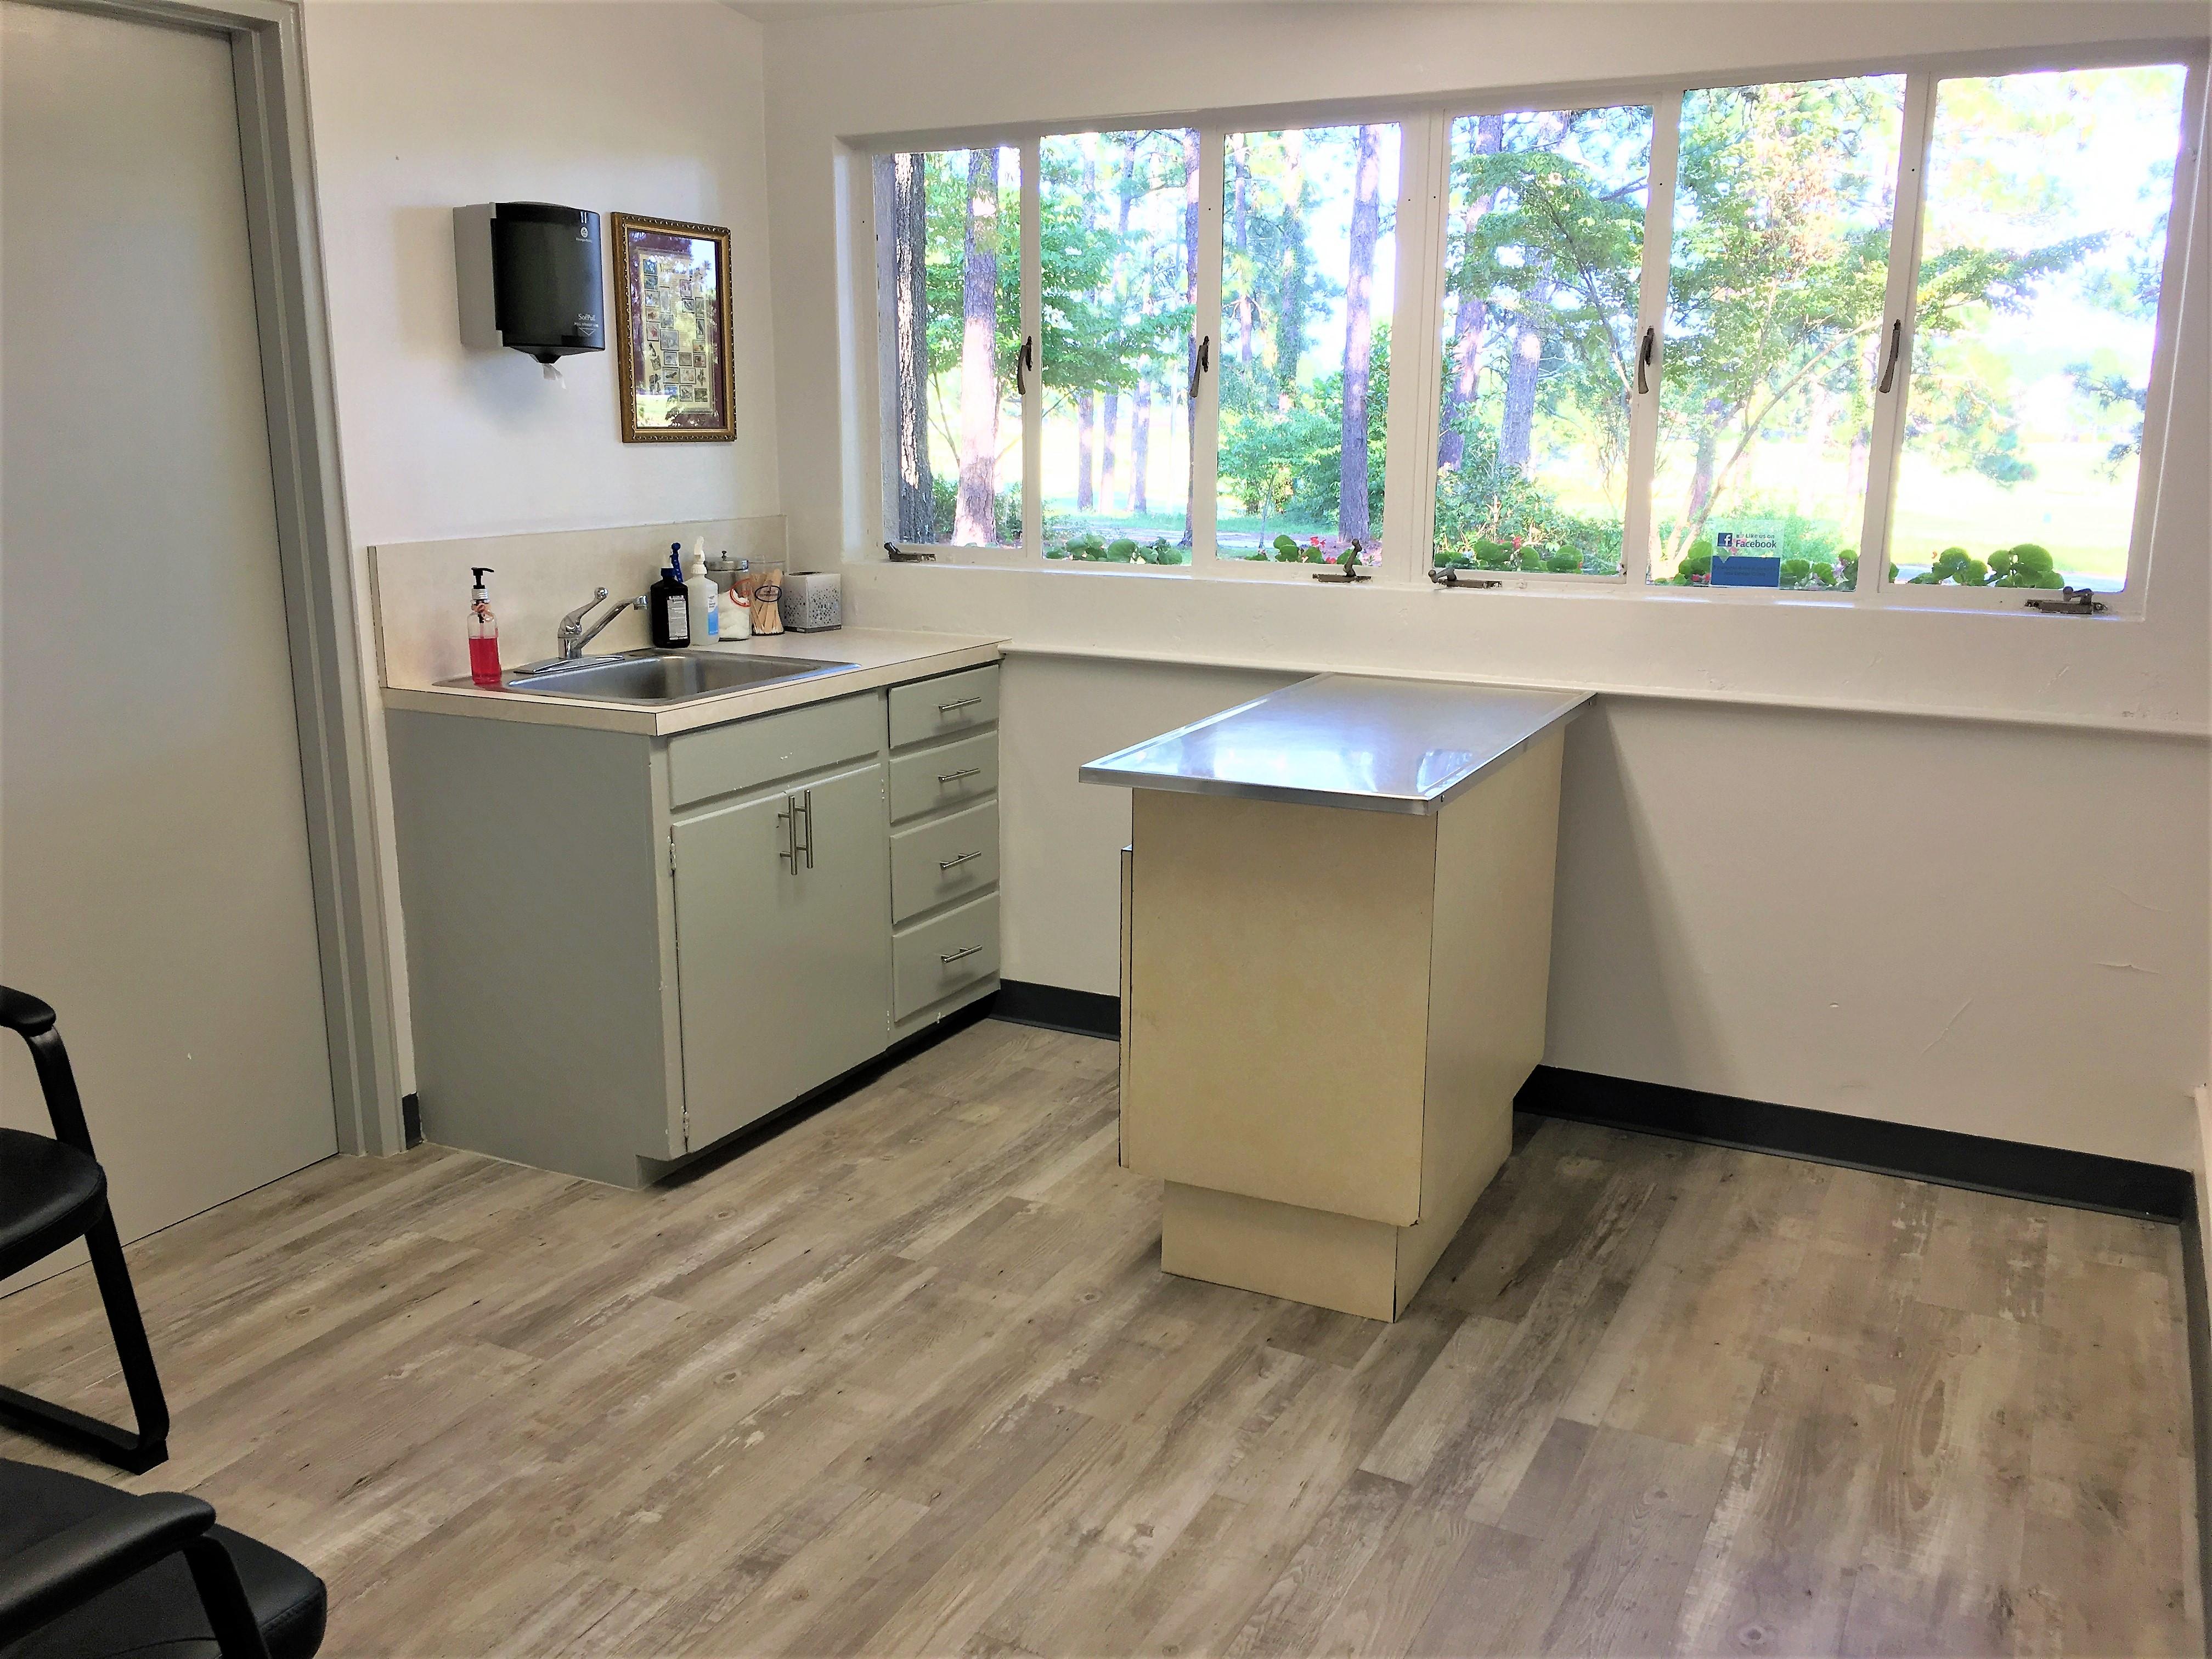 Veterinary examination room in Pinehurst NC